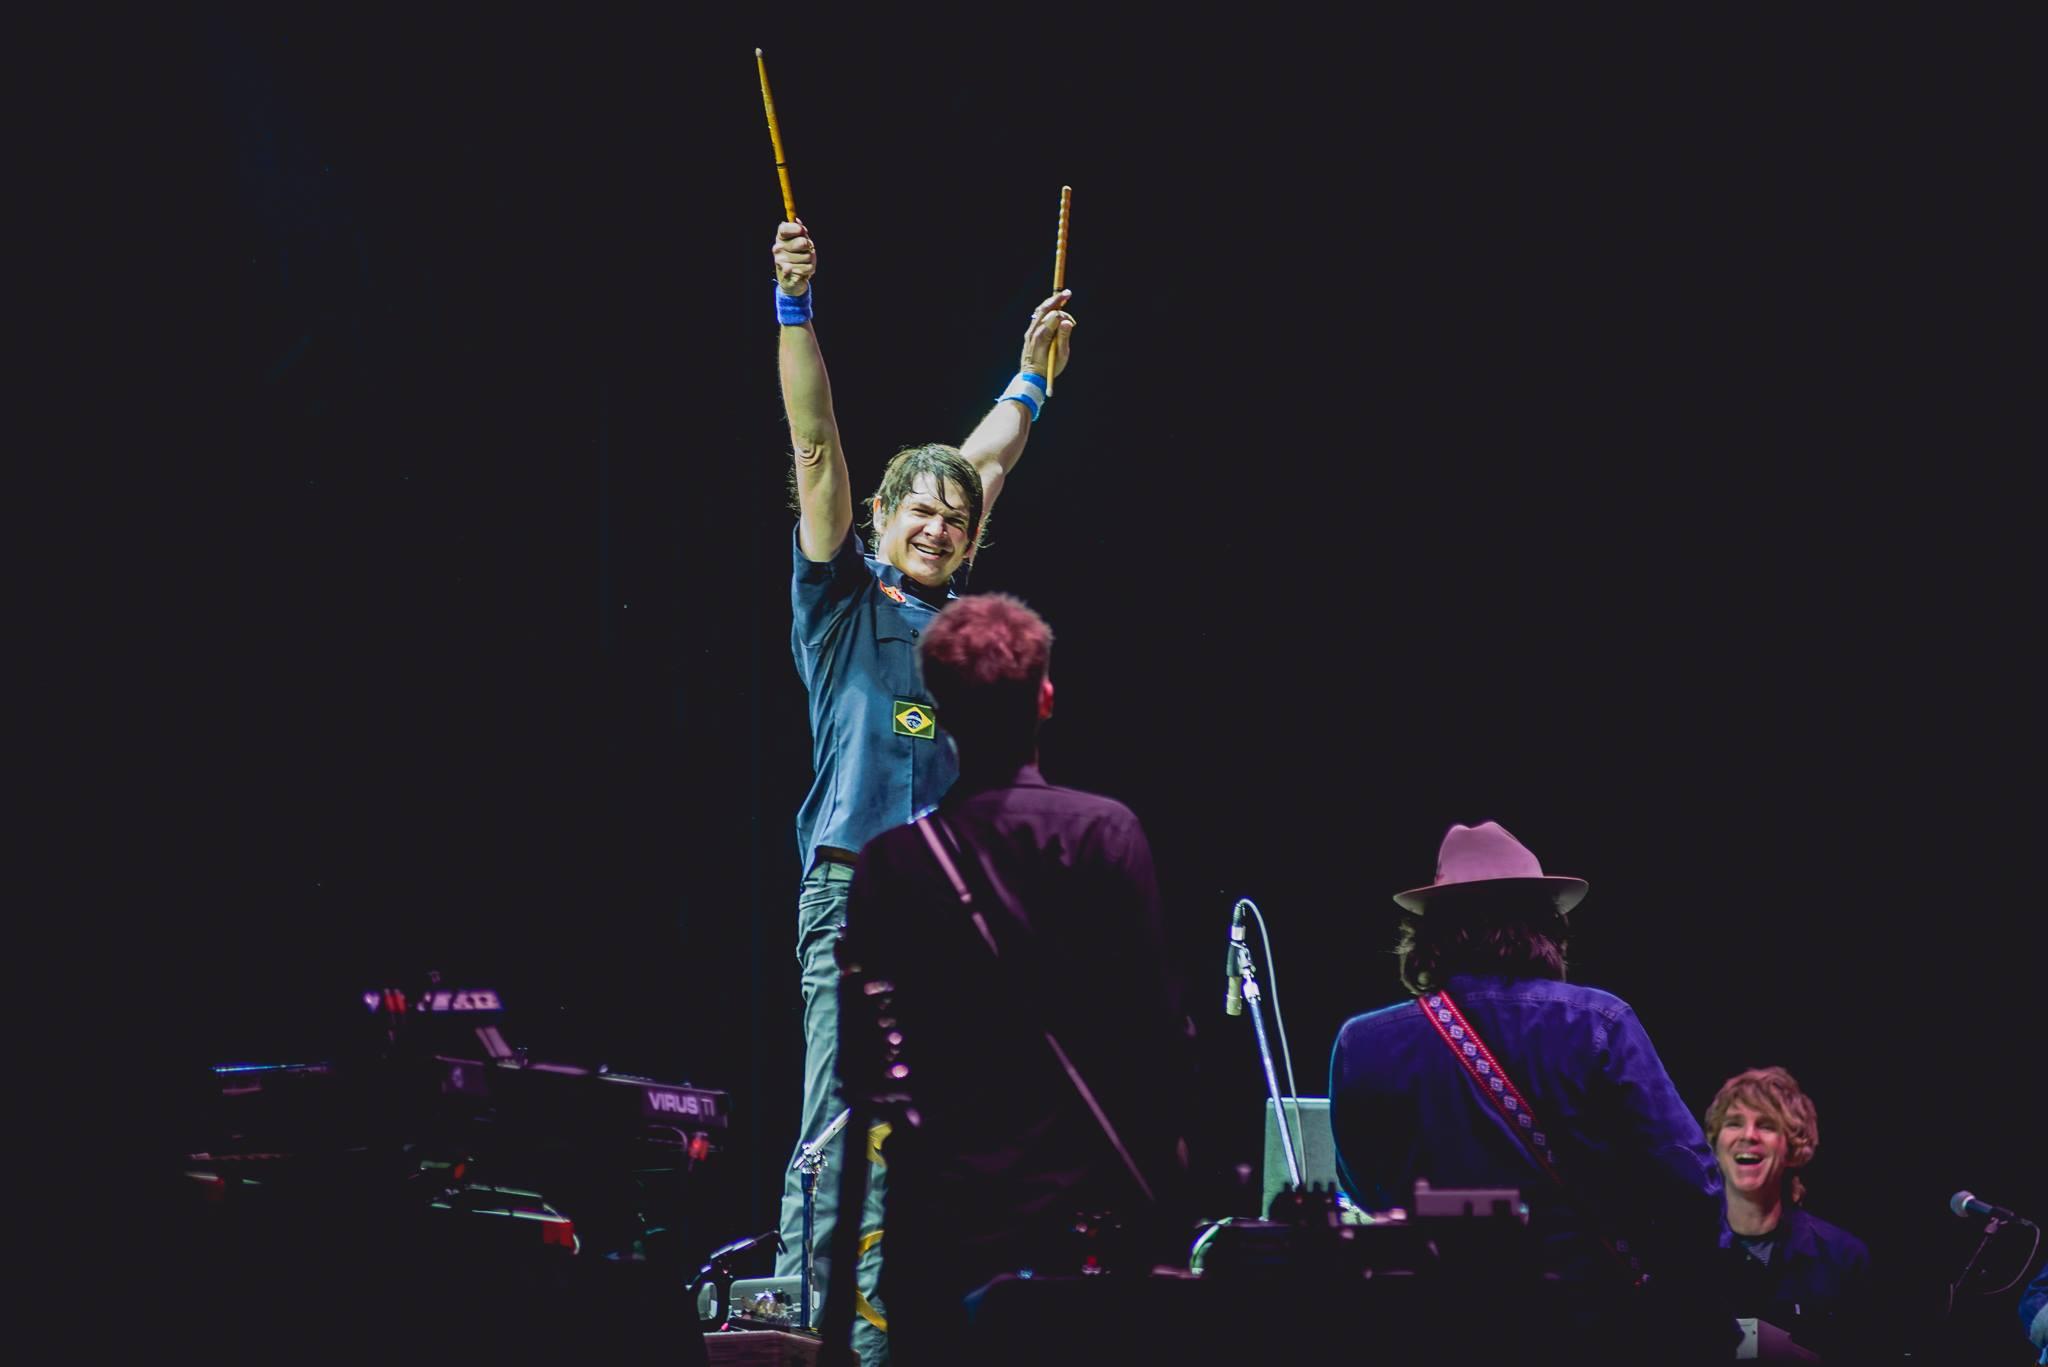 Glenn cumprindo a sua promessa no Popload Festival (foto: Fabrício Vianna)